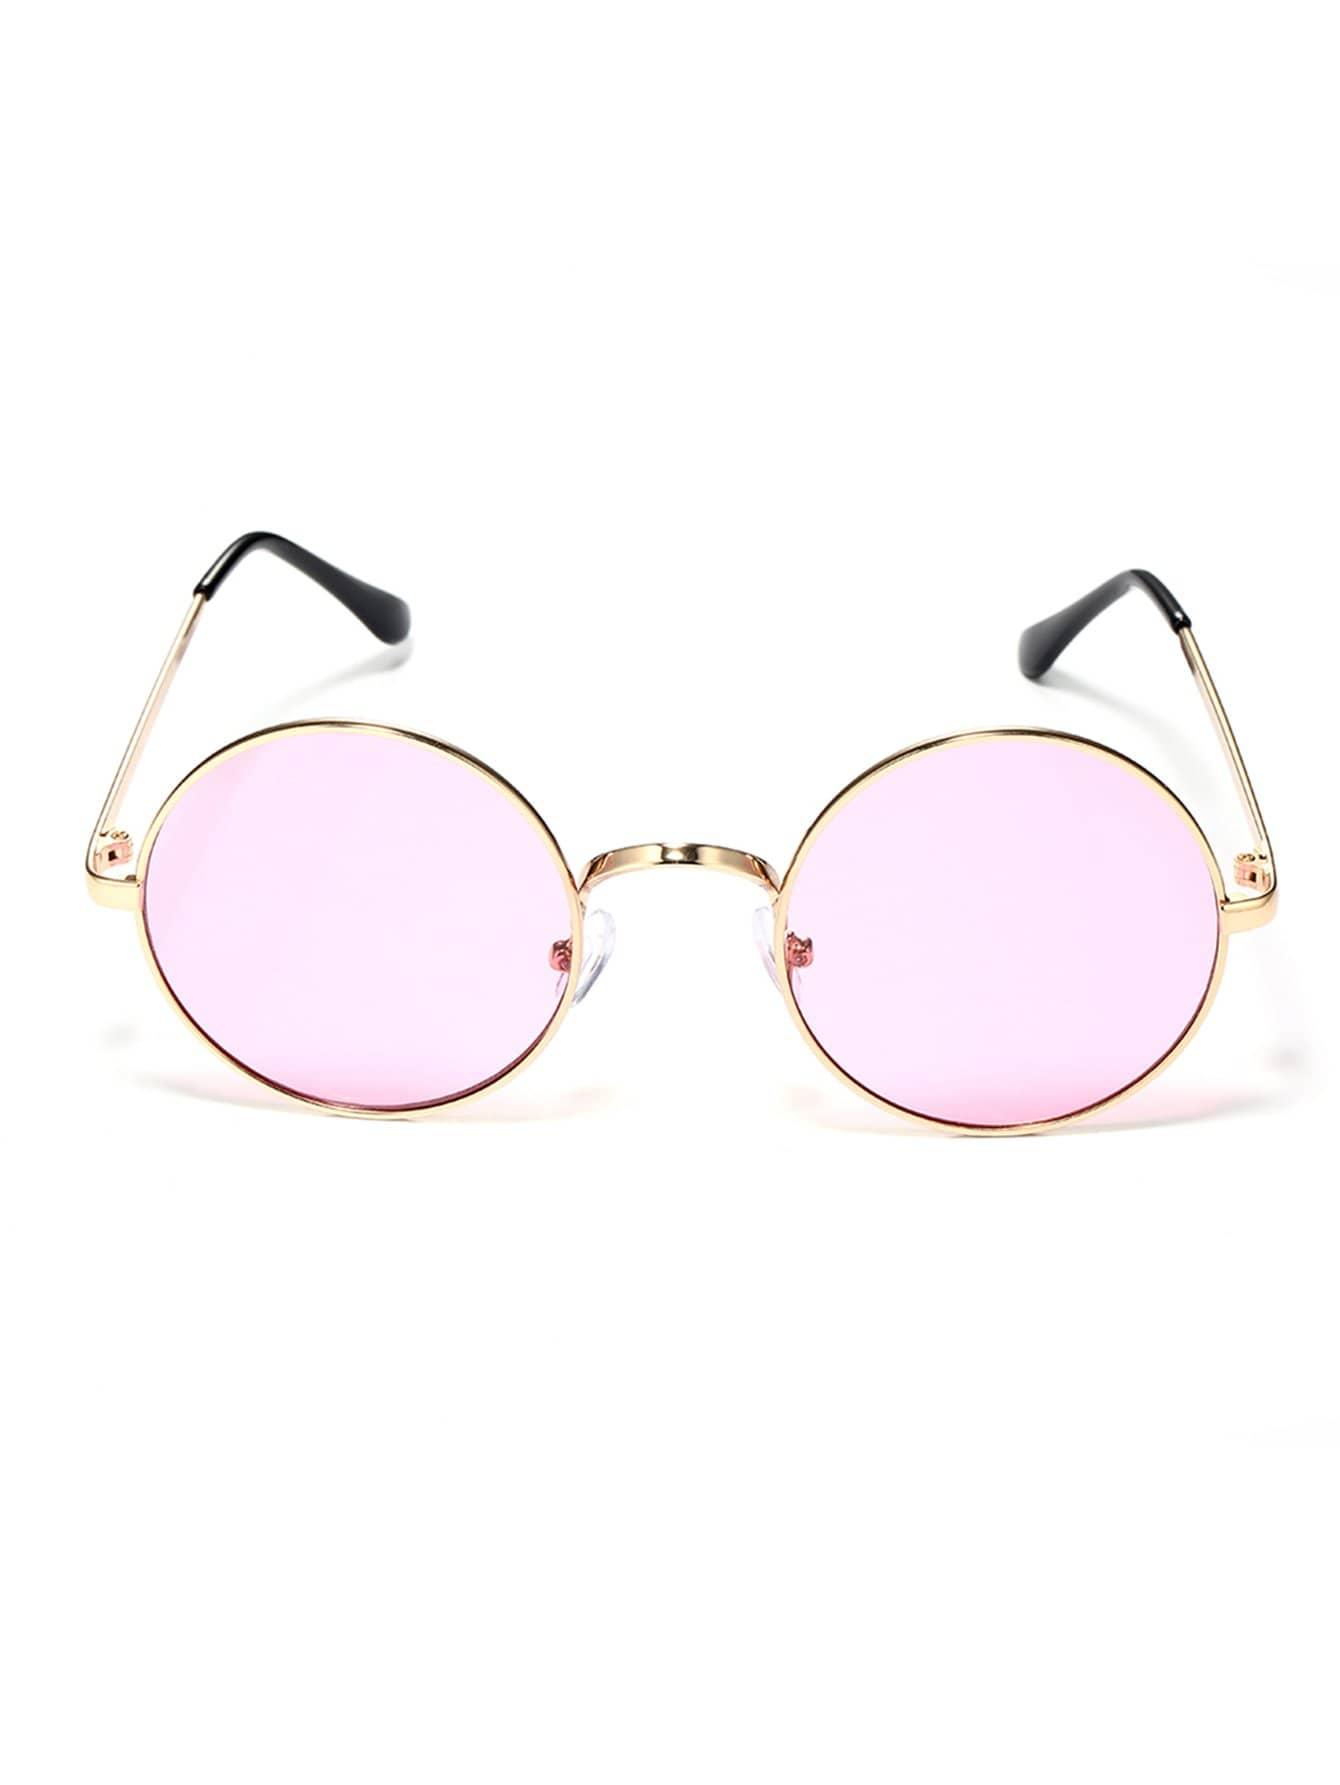 Sonnenbrille mit Metall Rahmen und runder Linse- German romwe